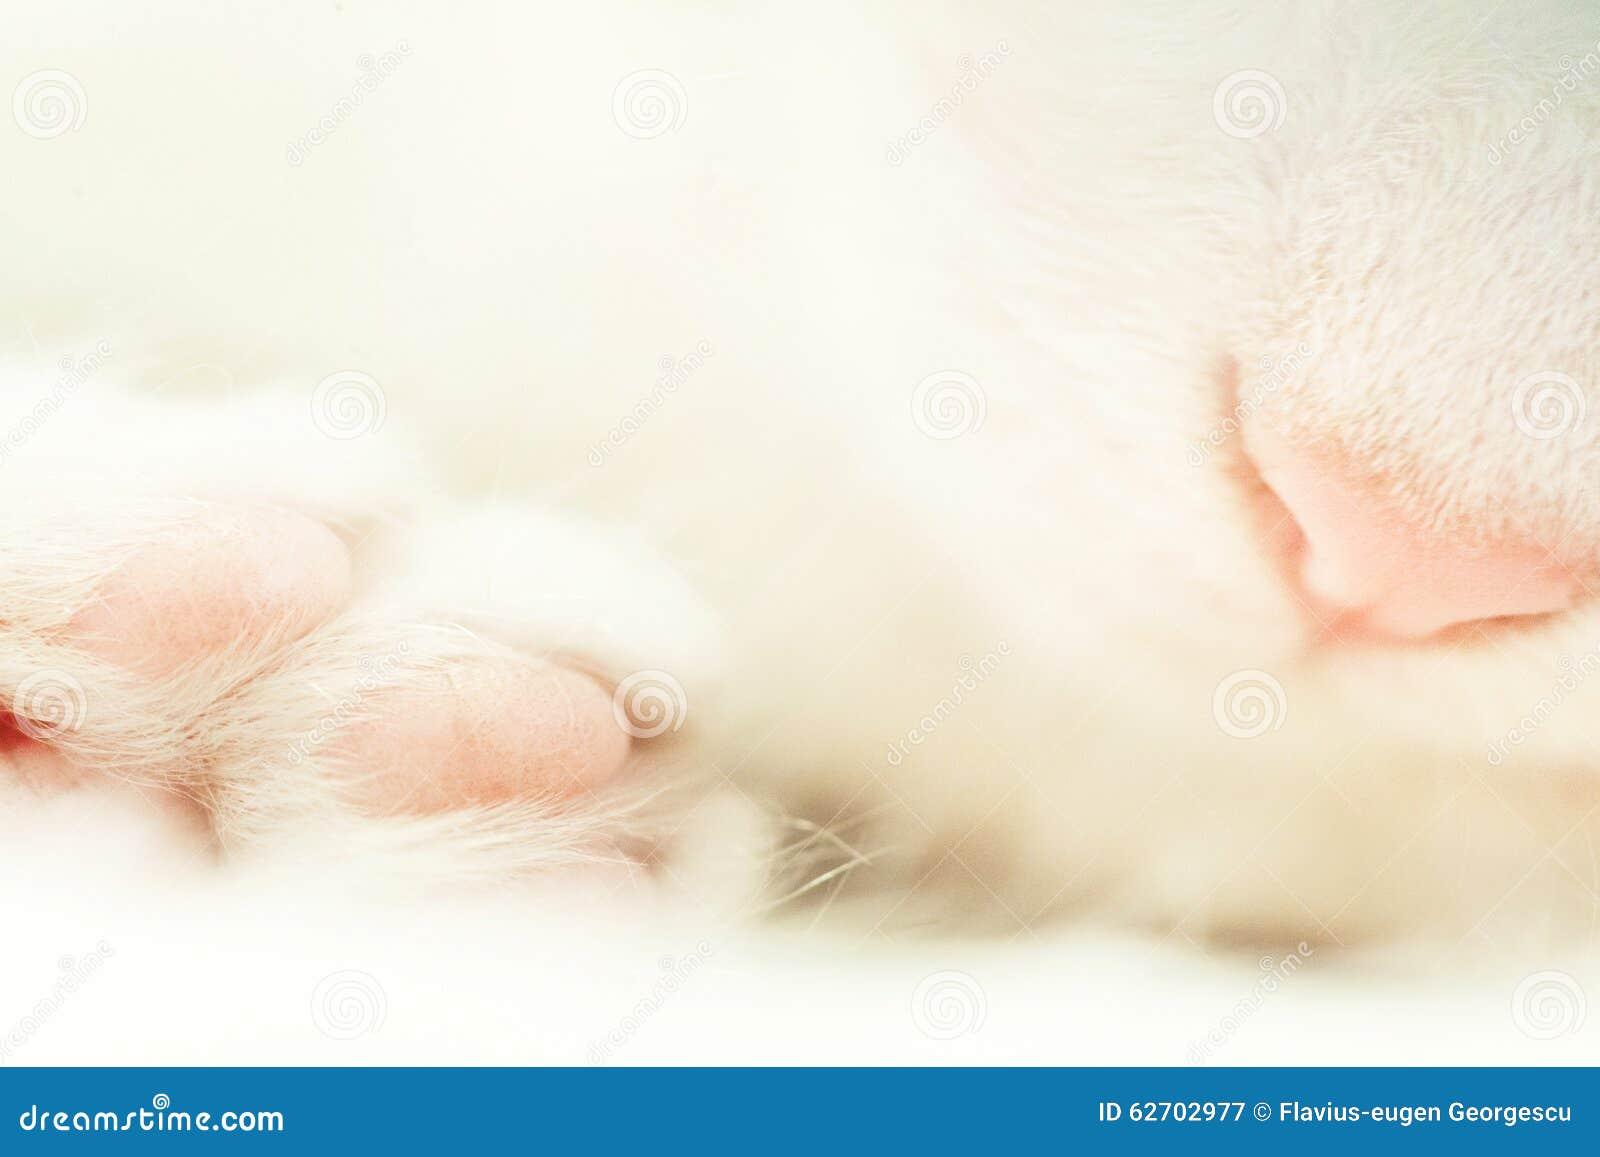 Μακρο πυροβολισμός της ρόδινης μύτης και του γούνινου ποδιού στην άσπρη γάτα ύπνου